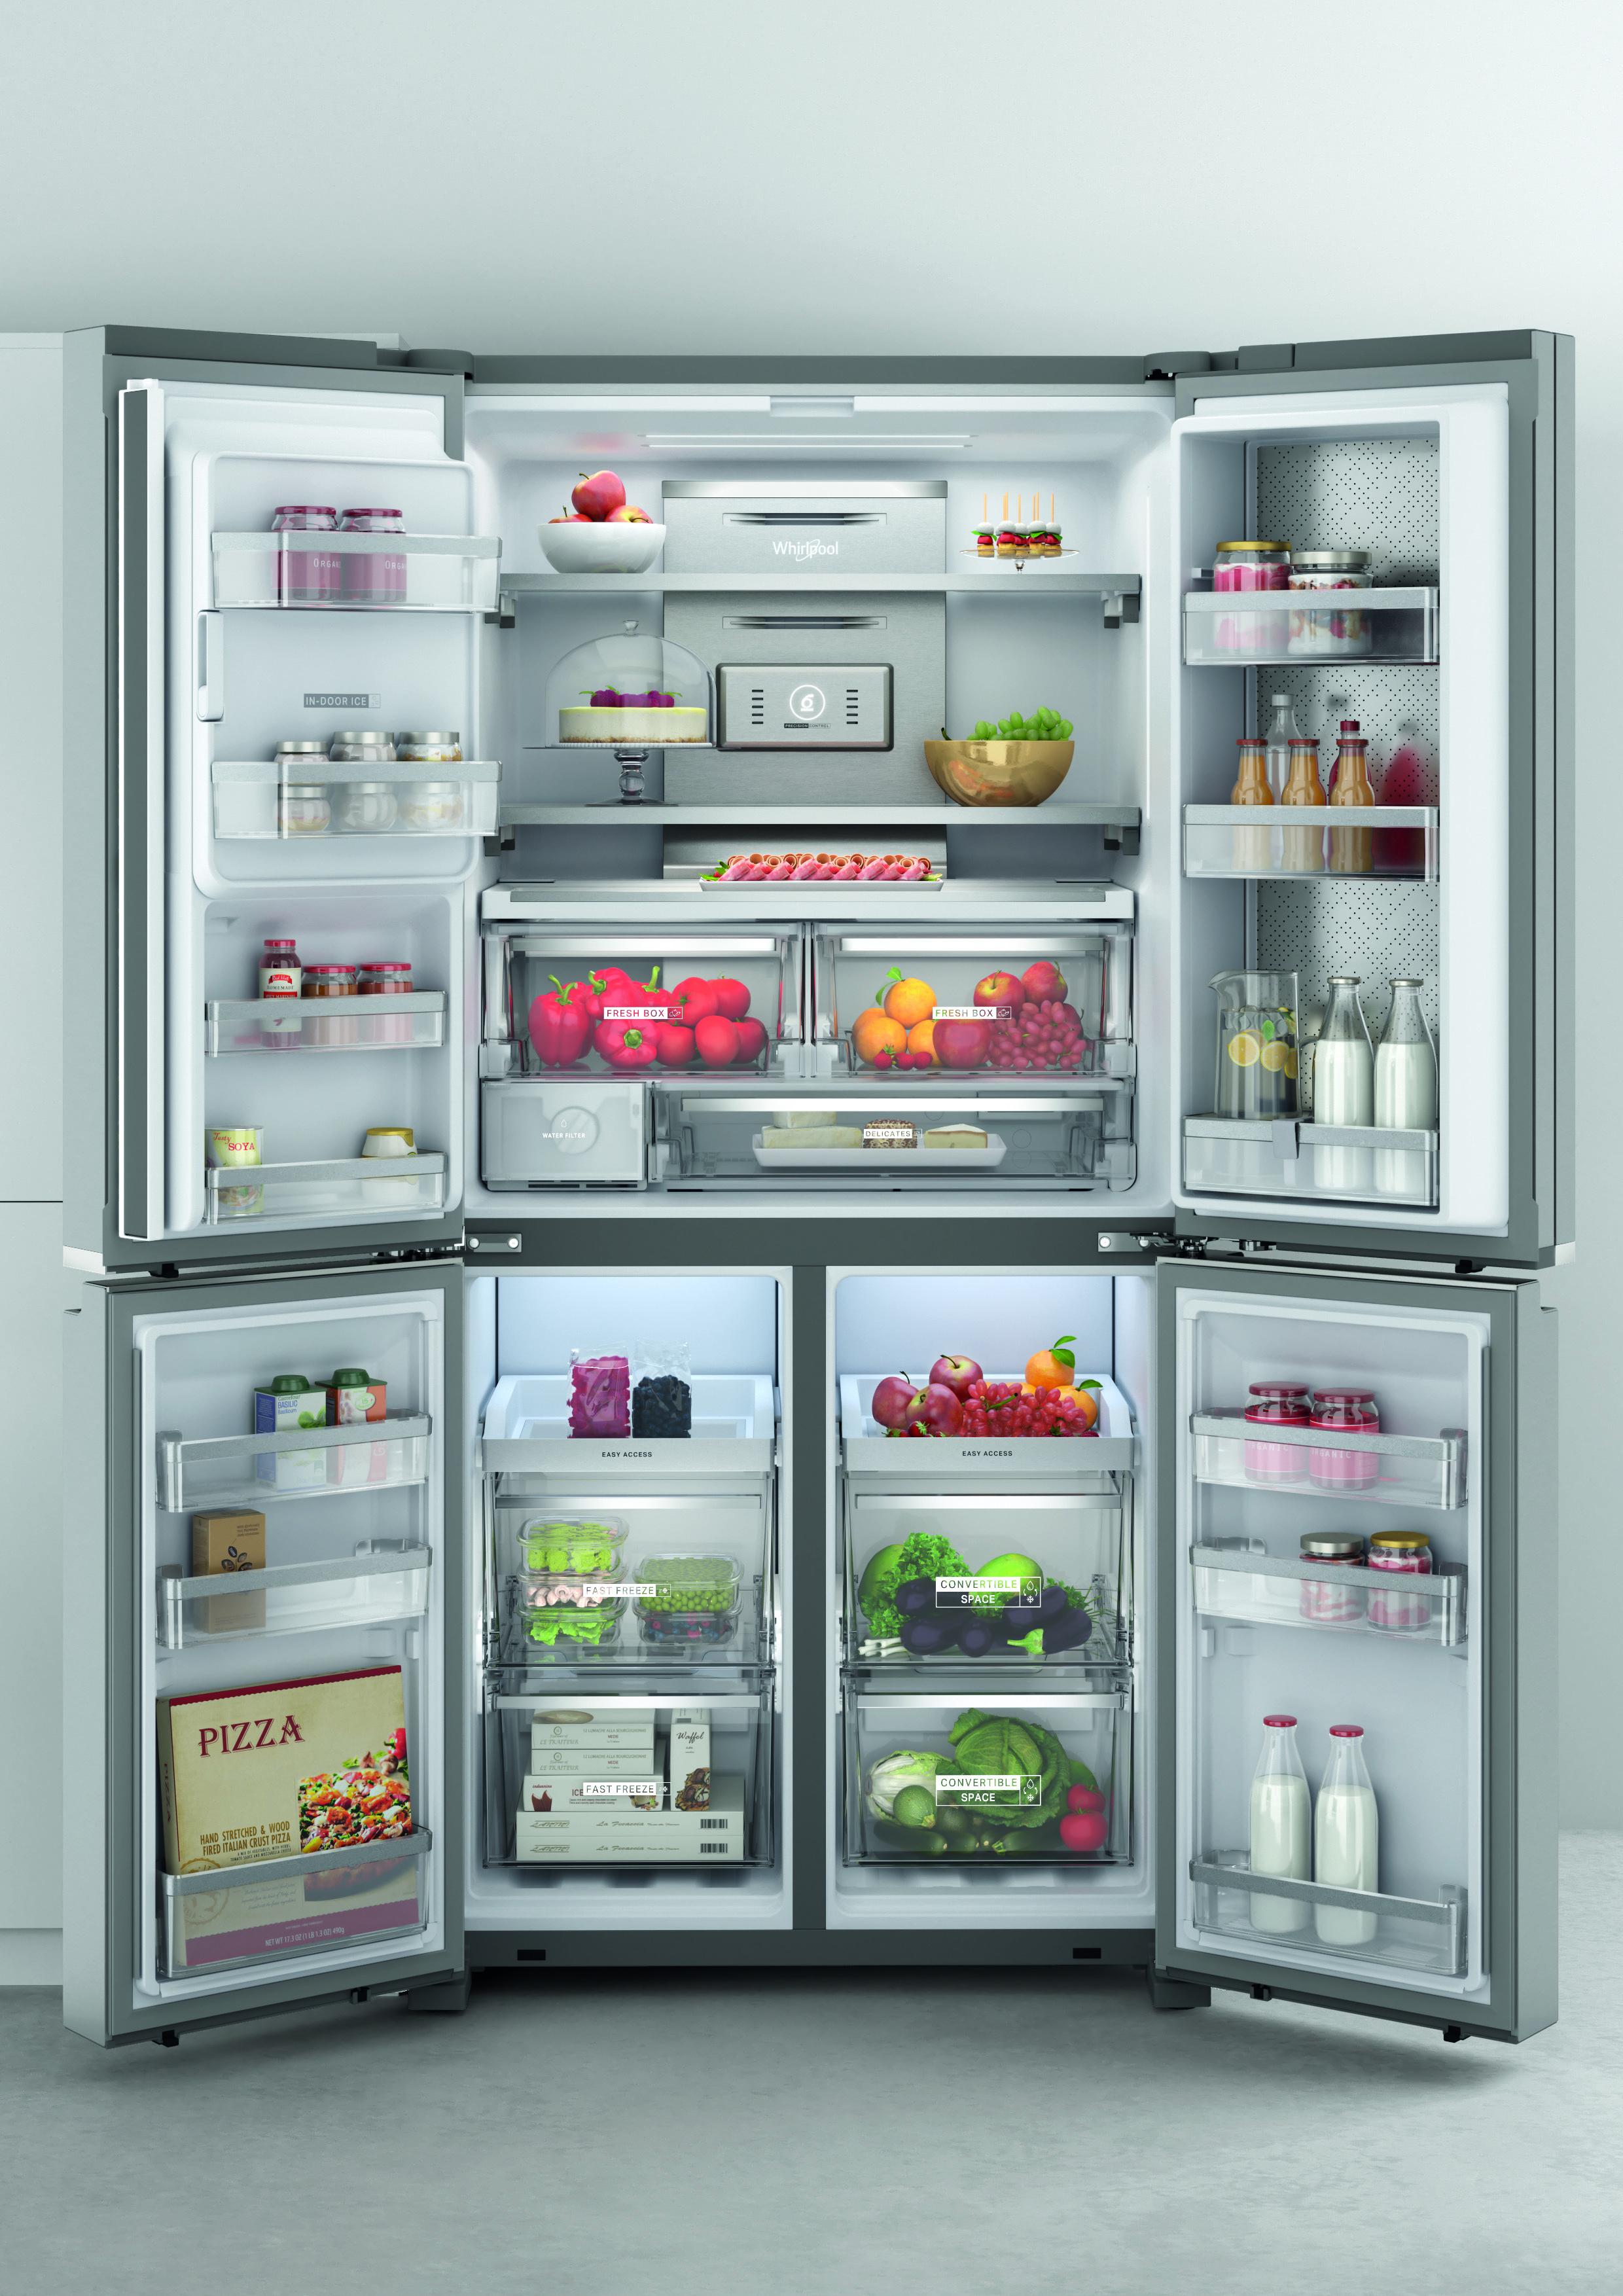 Refrigerateur Americain Kitchenaid 2020 Blog Expert Electromenager Conseils Et Actualites